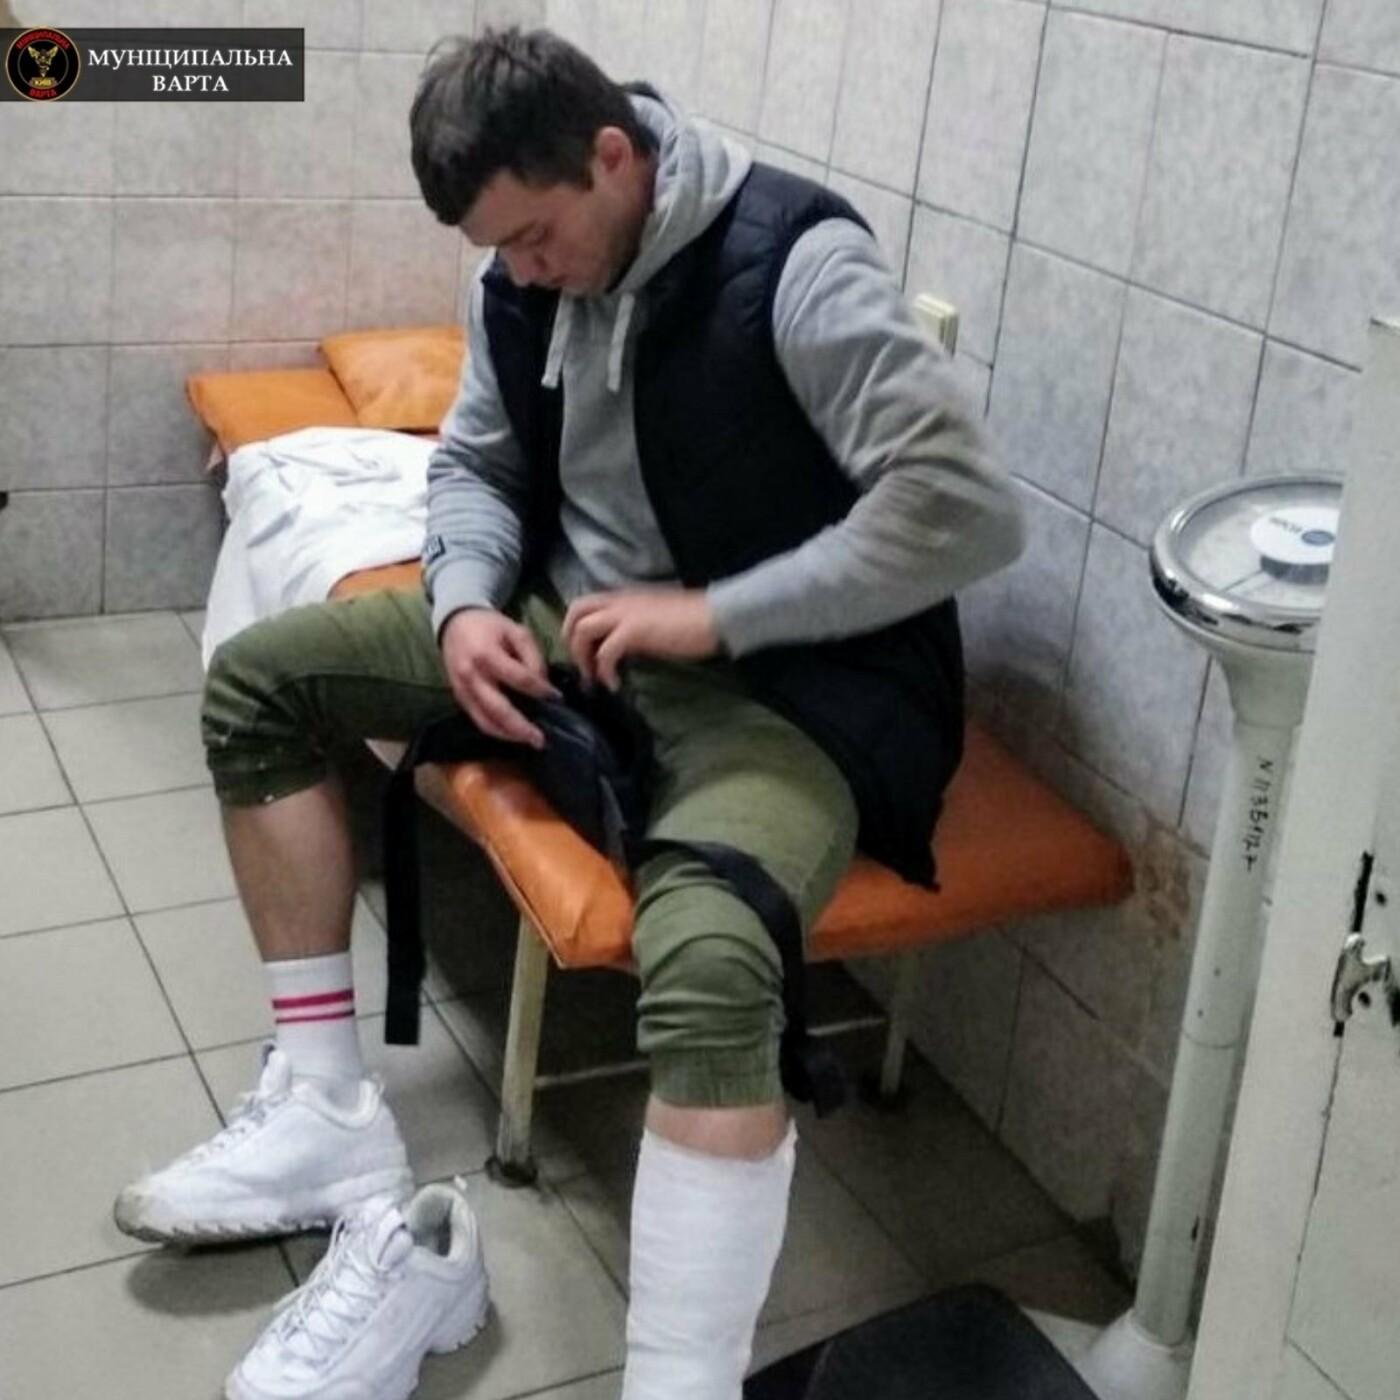 Перелом костей и сотрясение: в Киеве пациент жестоко избил врача, ФОТО, фото-3, Фото Муниципальной варты